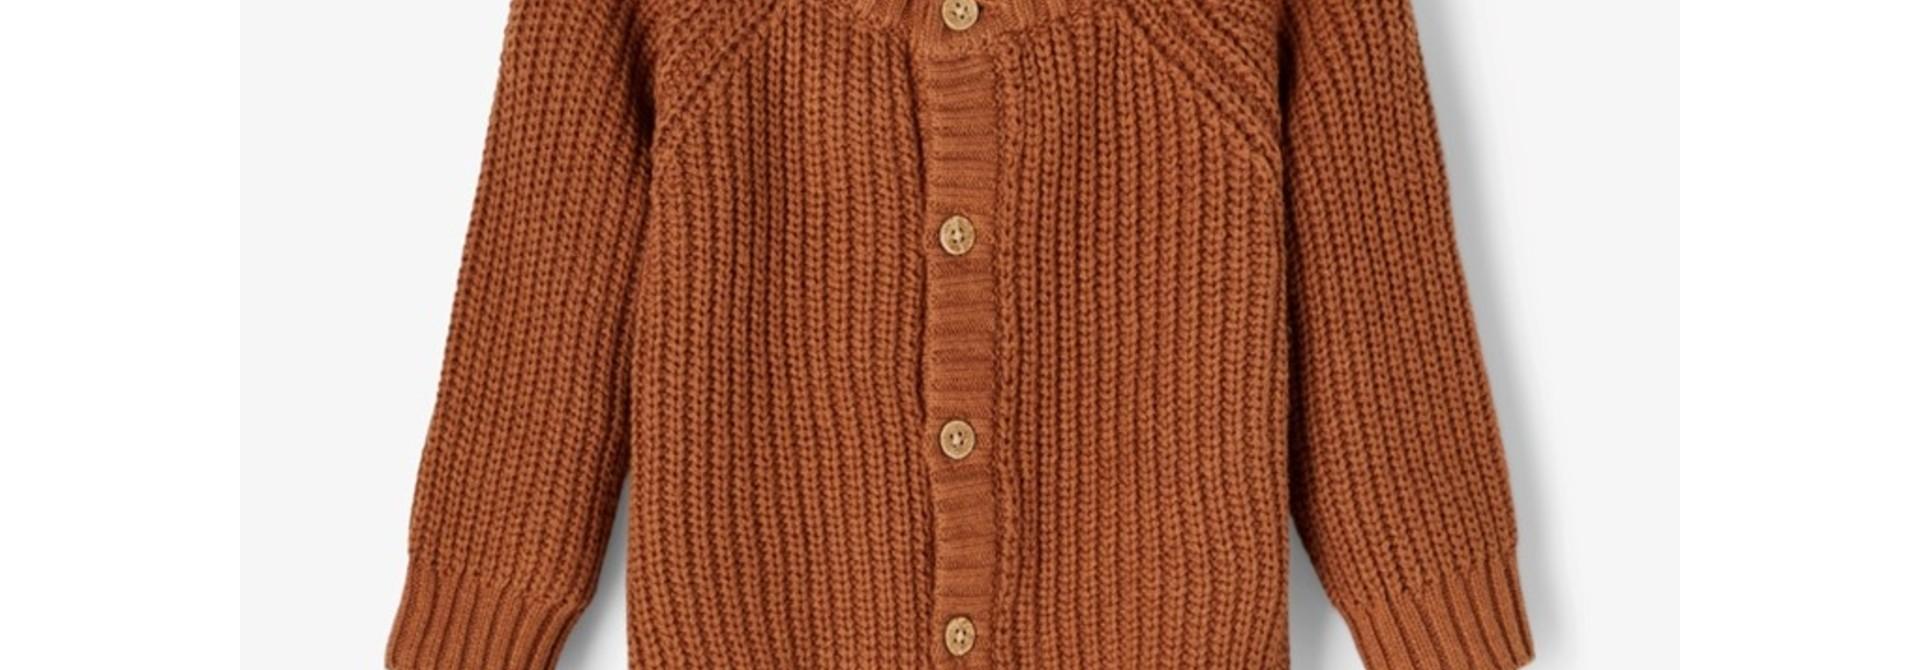 Imilio Longsleeve Knit cardigan - Apple Cinnamon